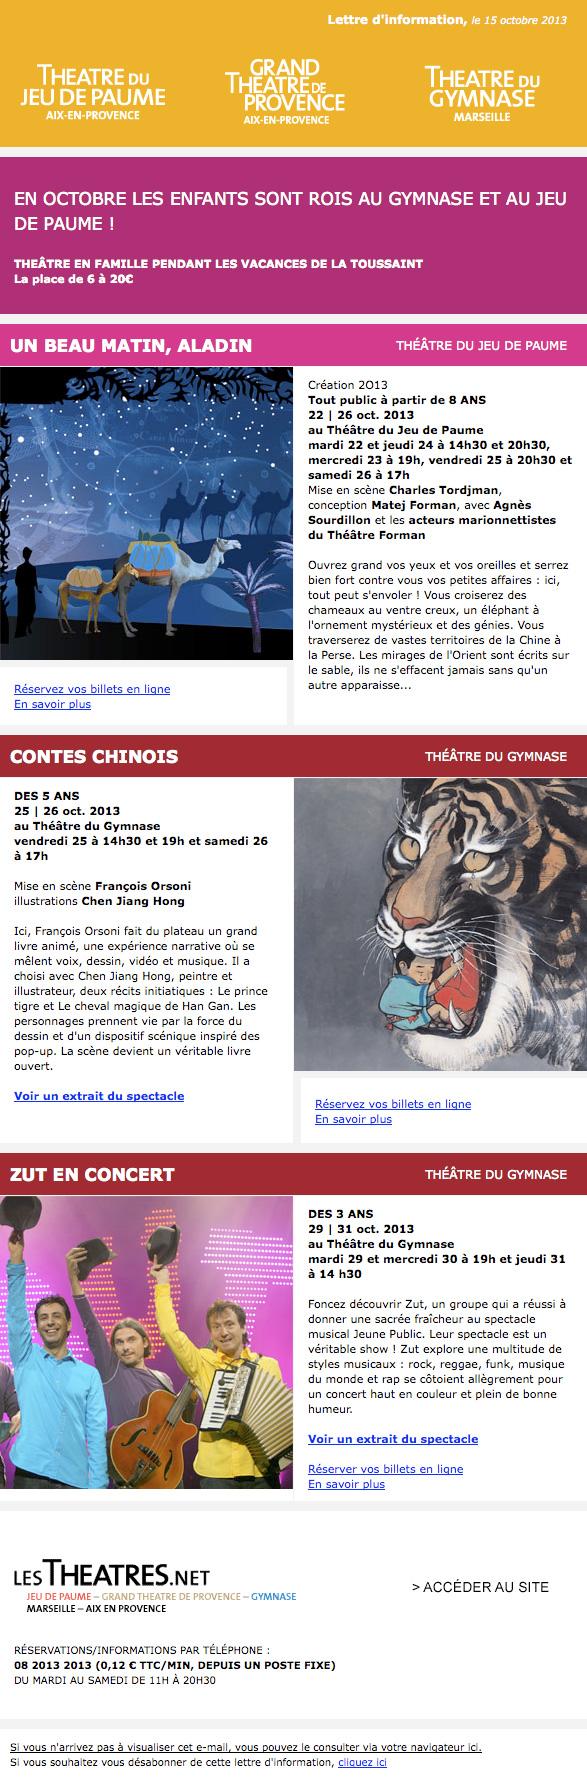 capture écran de la newsletter pour les 3 théâtres : Théâtre du gymnase, Grand théâtre de provence, Théâtre du jeu de Paume. Aix-en-Provence Marseille